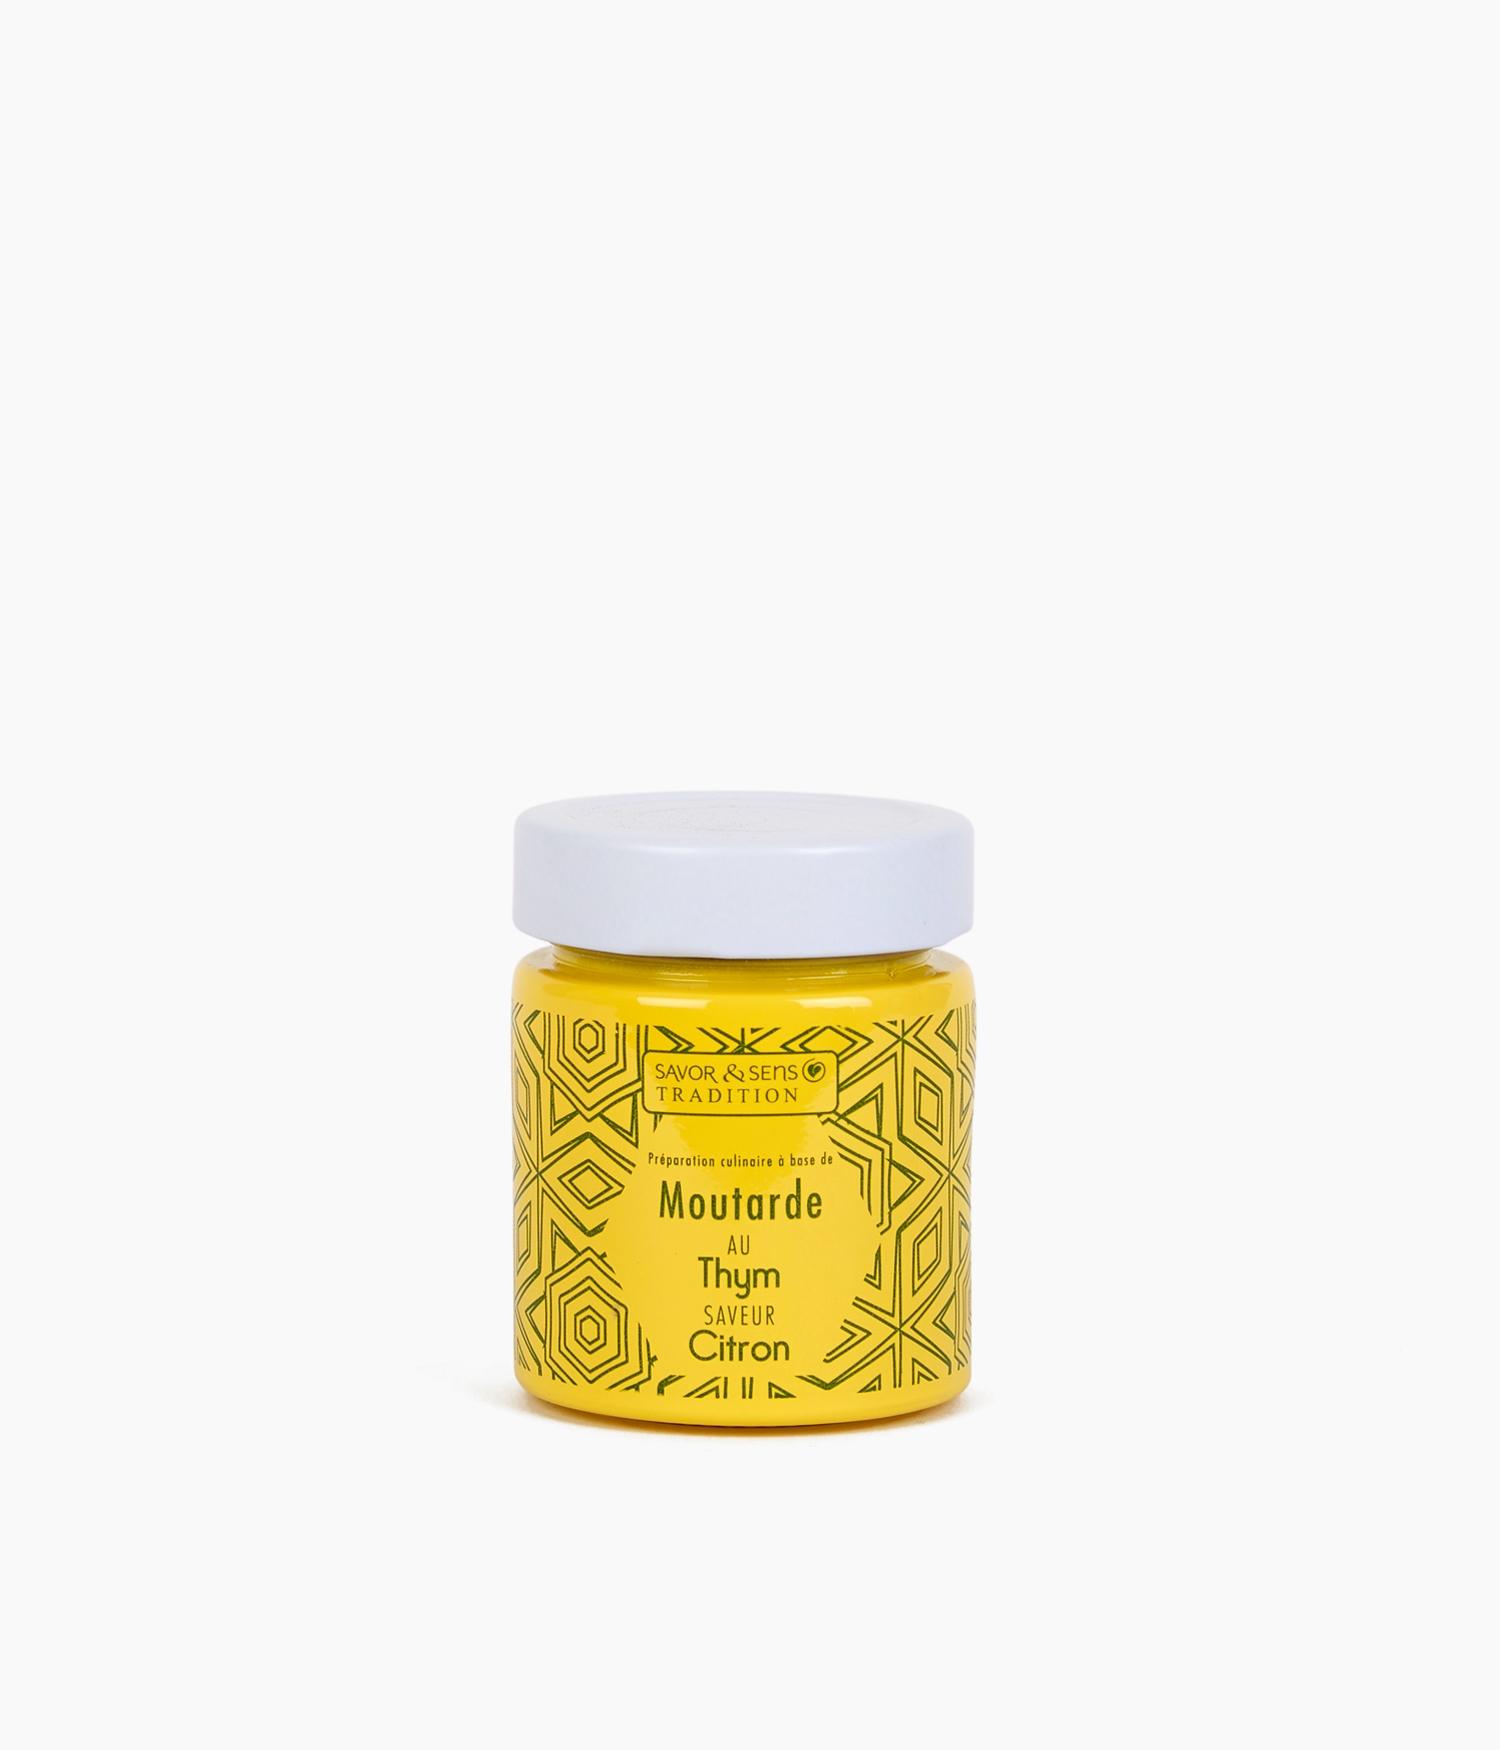 moutarde pot jaune citron thym